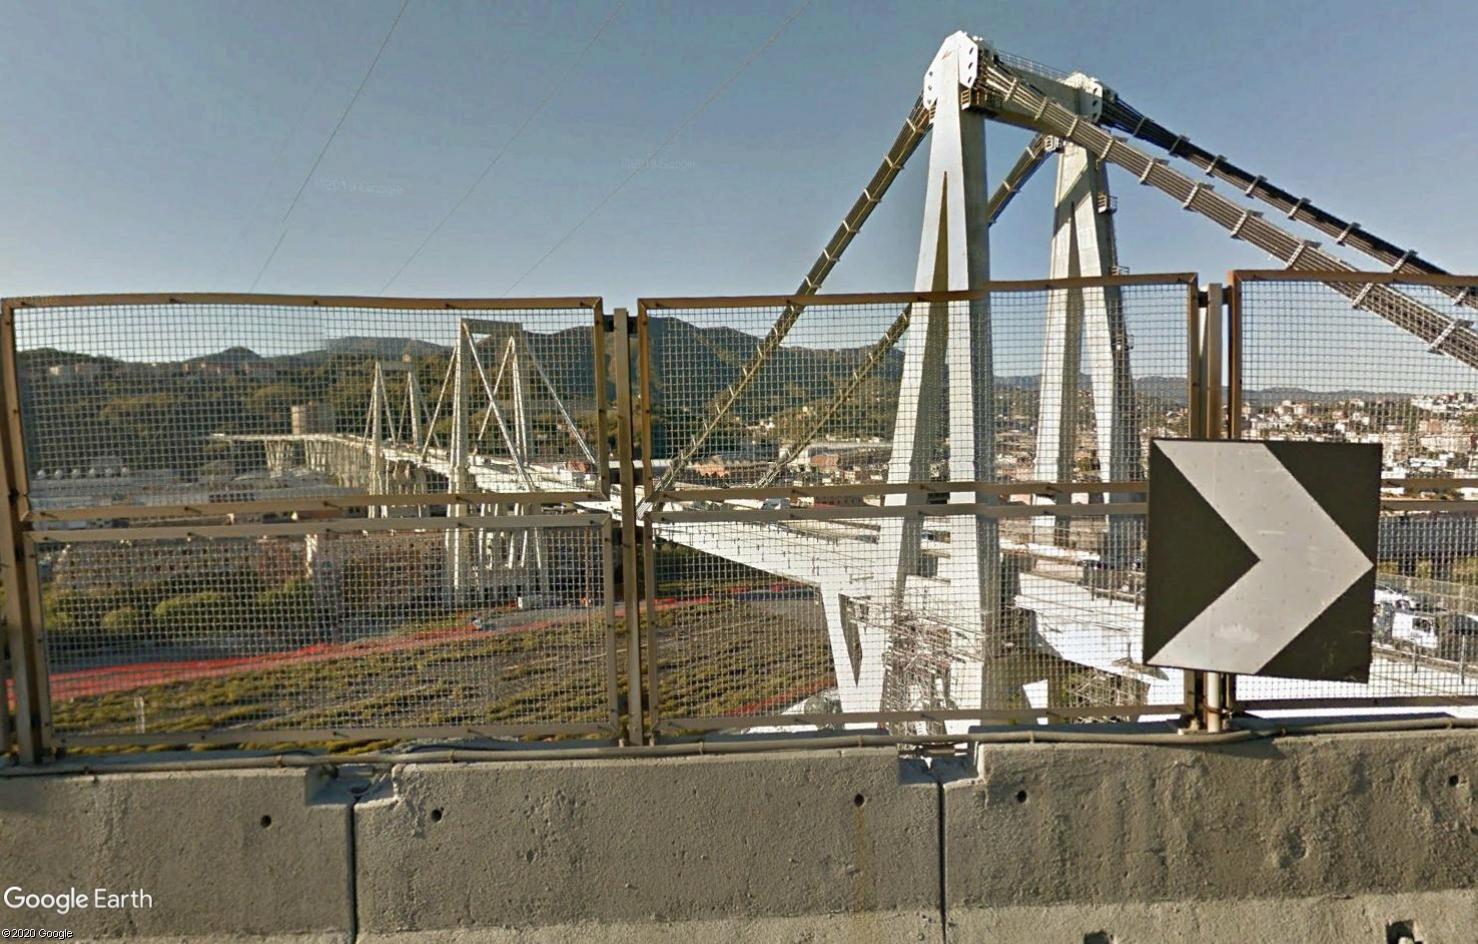 [Bientôt visible sur Google Earth] - Le pont Morandi, Gênes Tsge1600